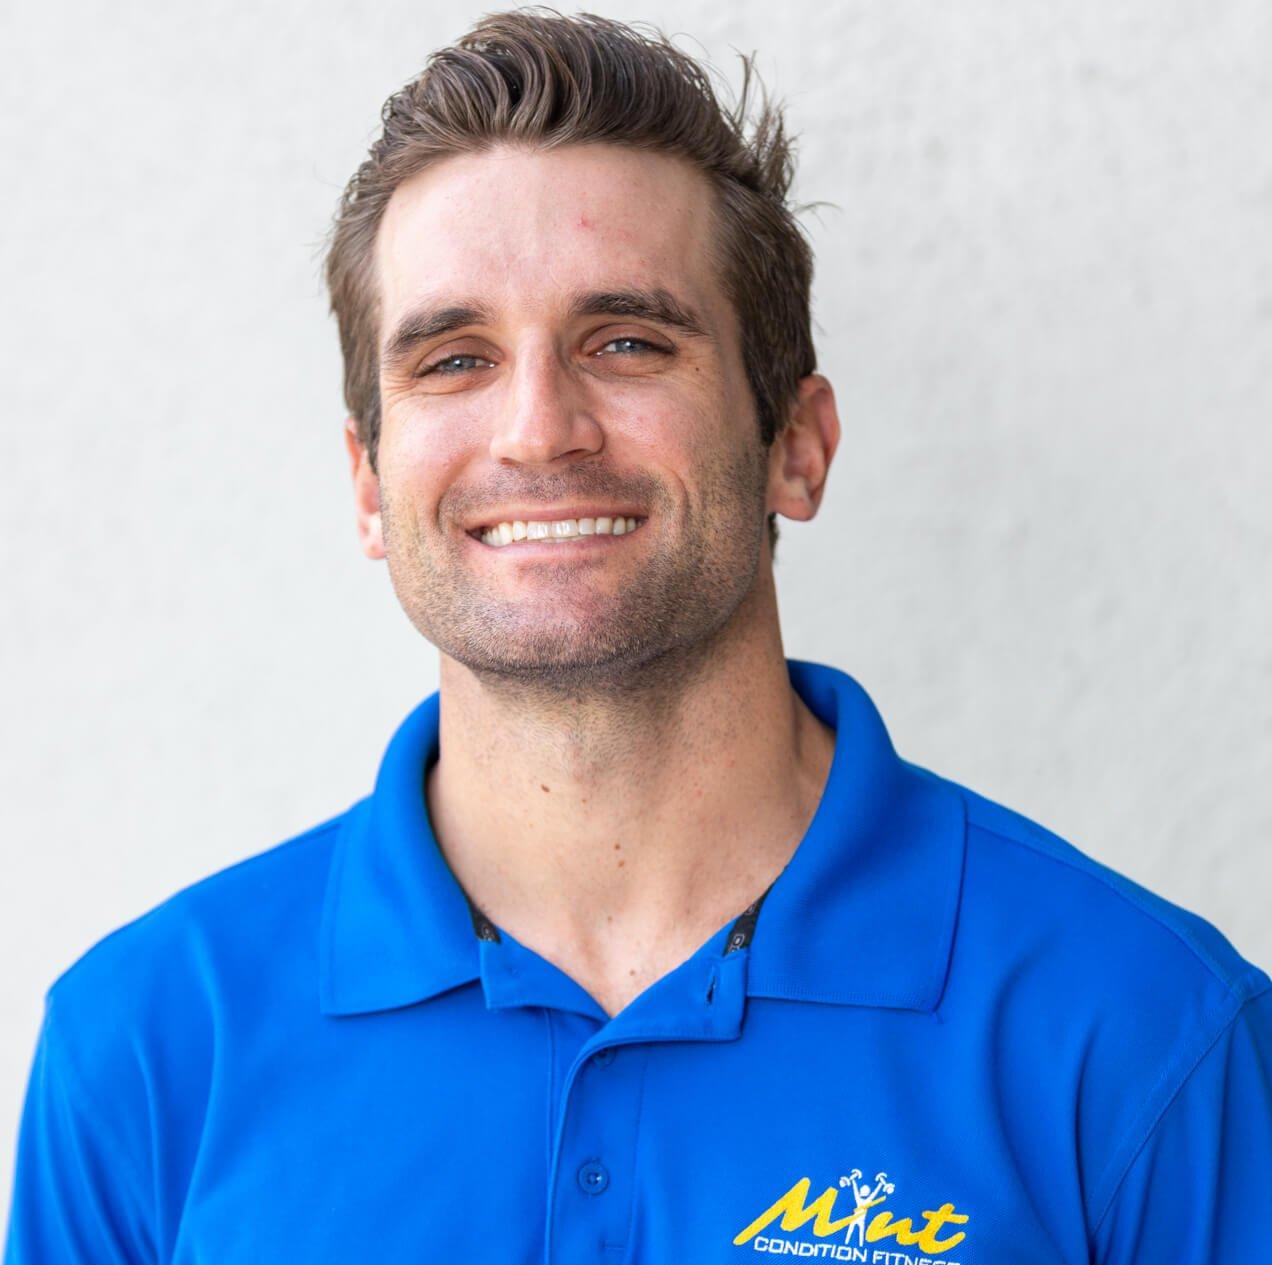 Max Ferrero Fitness Trainer Coach